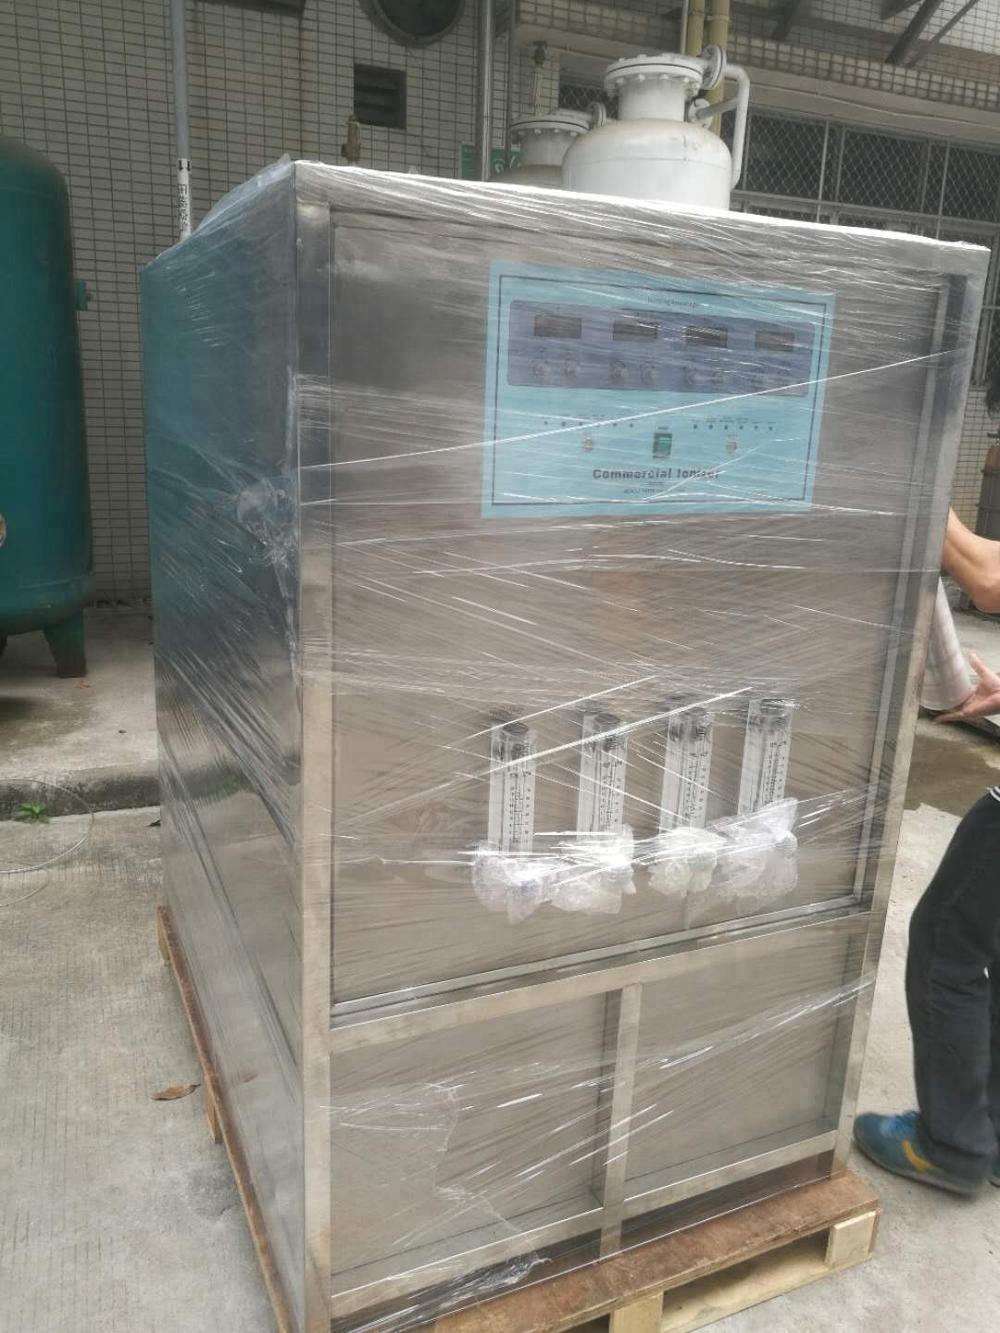 Commercial alkaline water ionizer filter machine